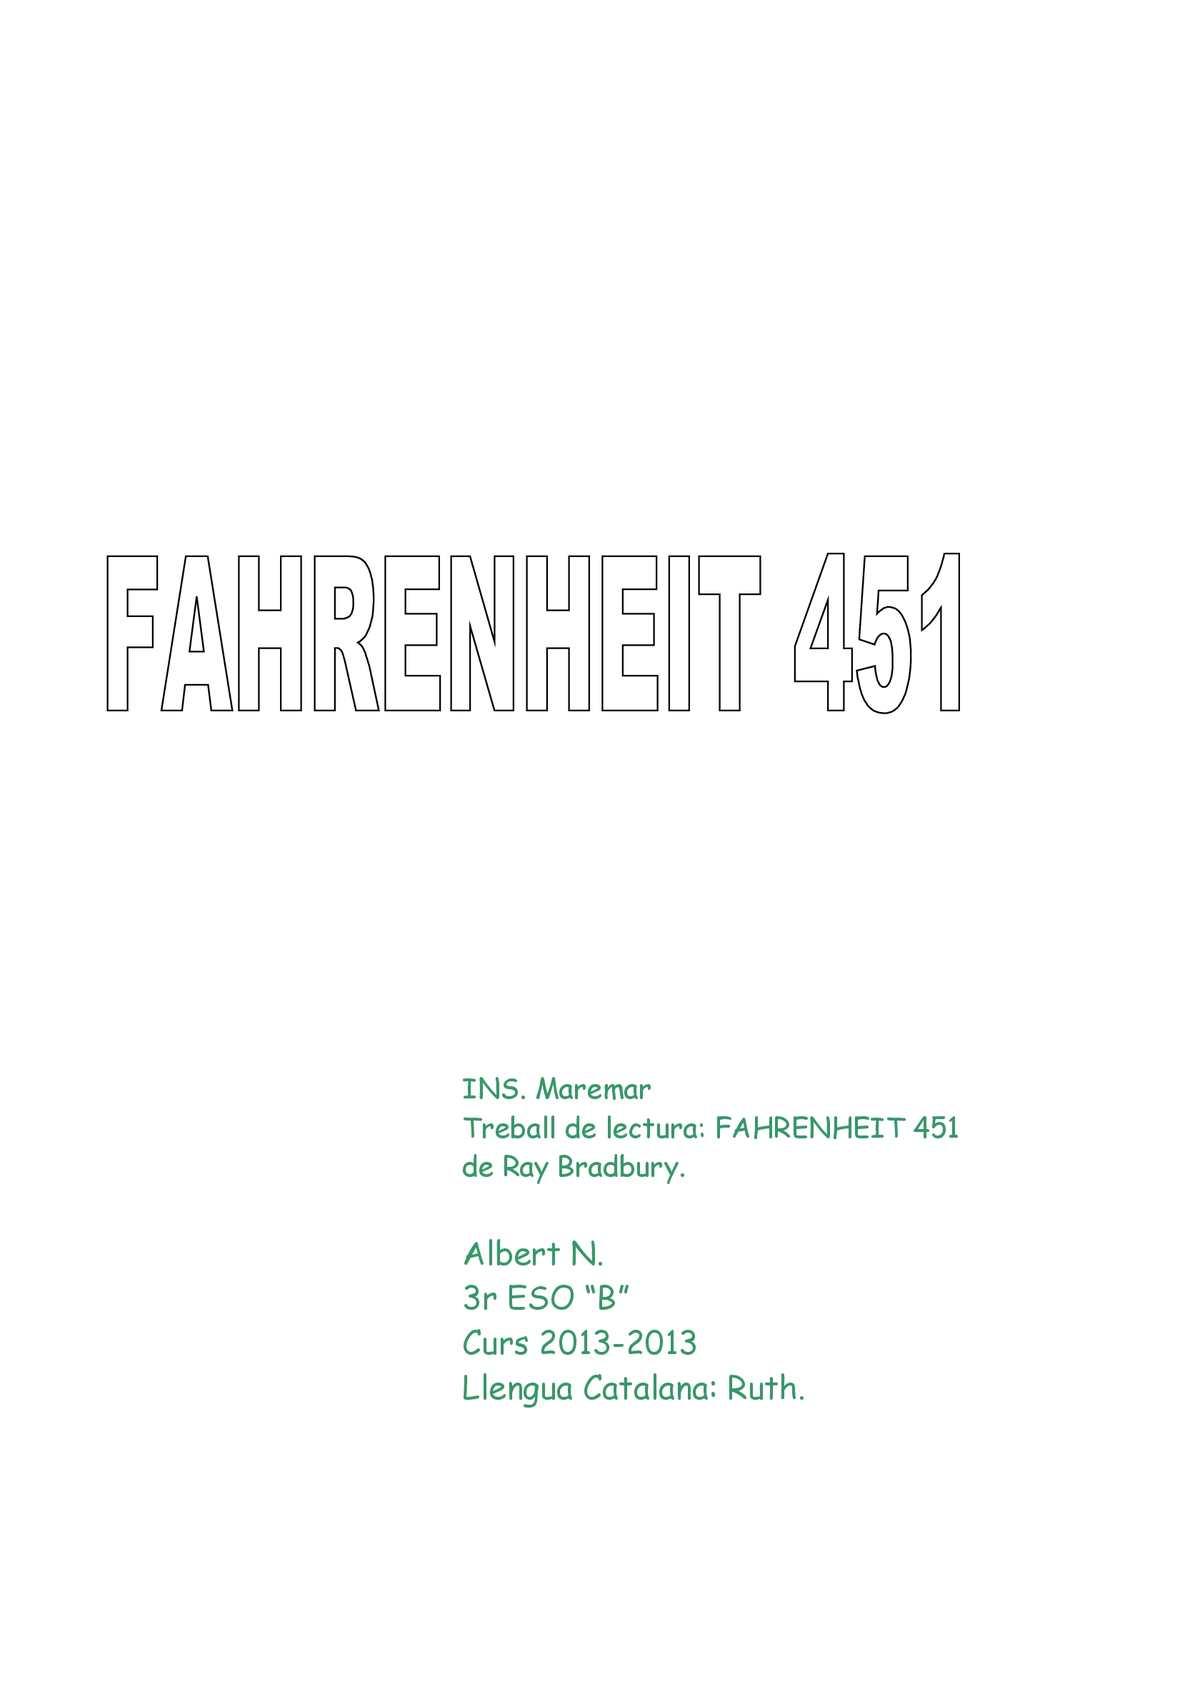 TREBALL DE LECTURA: Fahrenheit 451